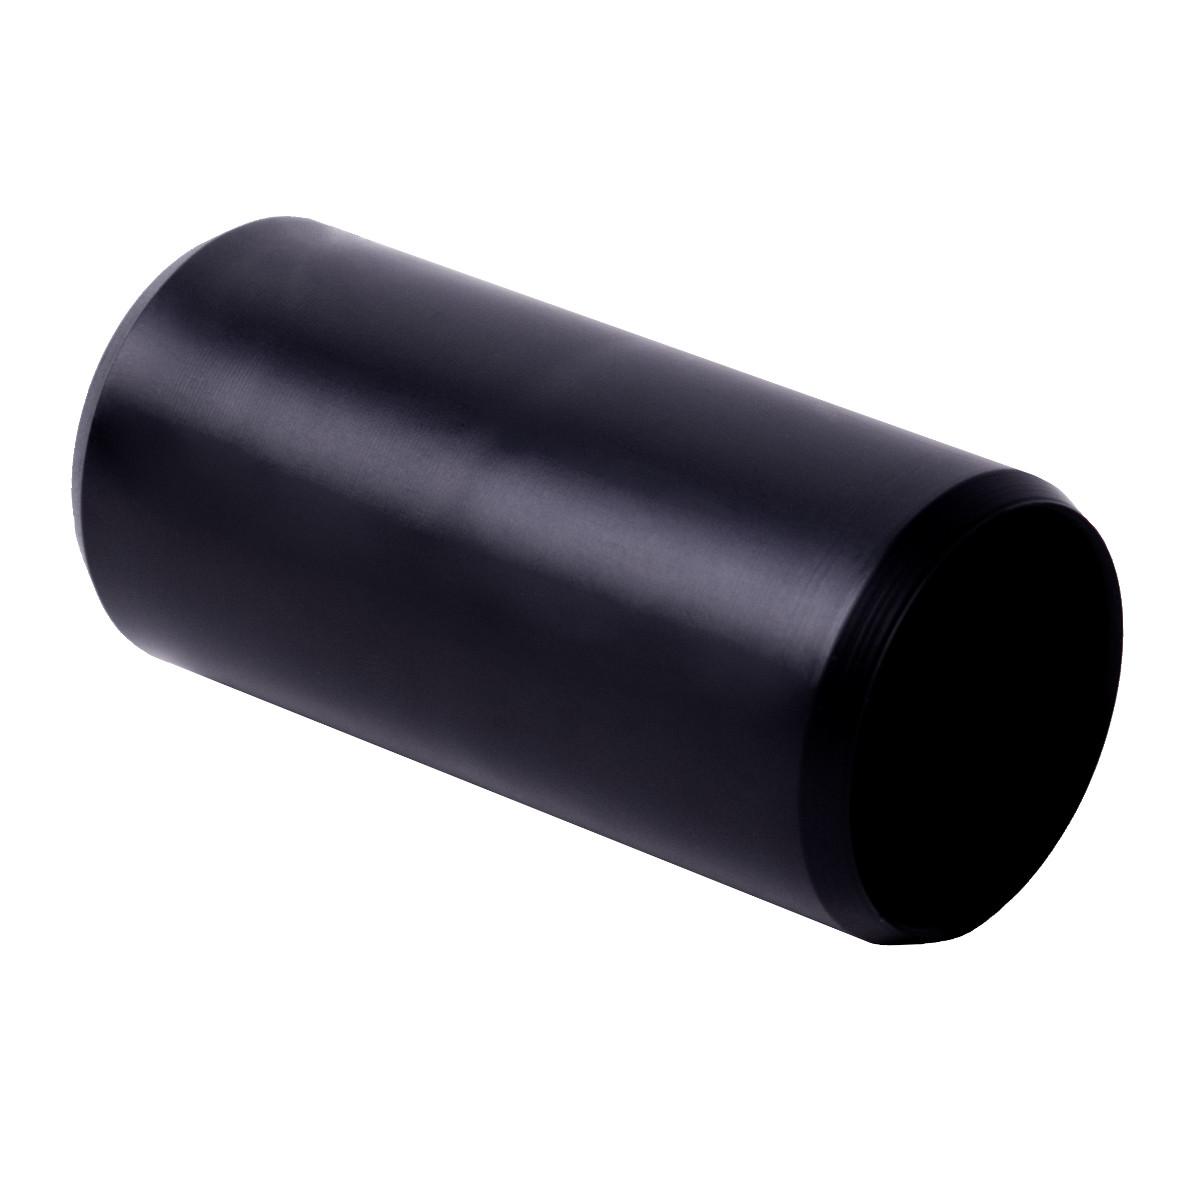 Муфта з'єднувальна для труби 50 мм; Ø50 мм; УФ-стійкі; полікарбонат; безгалогенна; t застосування -45-90 °с; чорна; Упаковка 10 шт